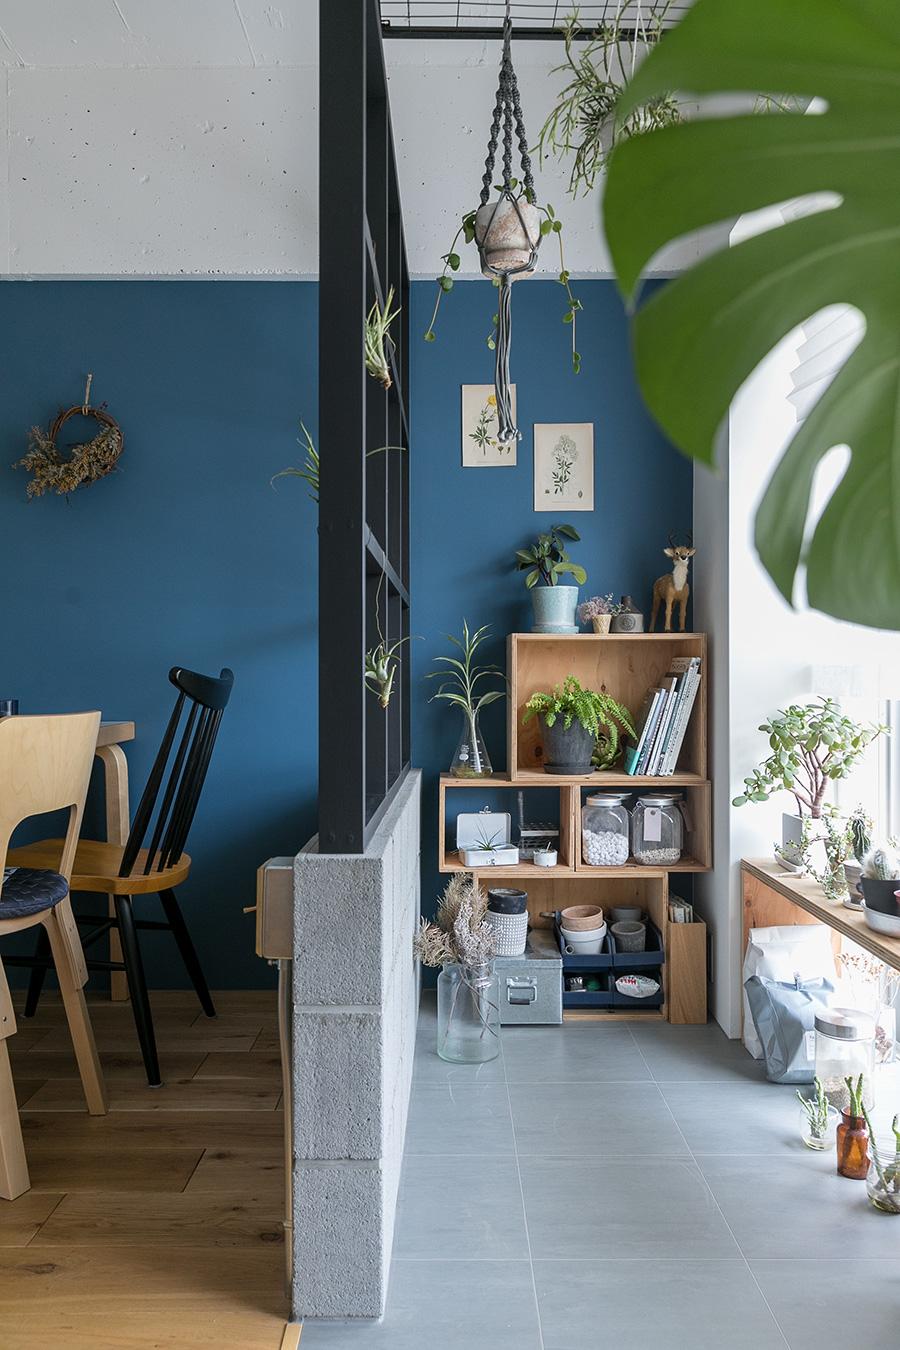 明るいサンルームで育つ植物たち。仕切りの壁は下がコンクリートブロック、上は木で造作している。